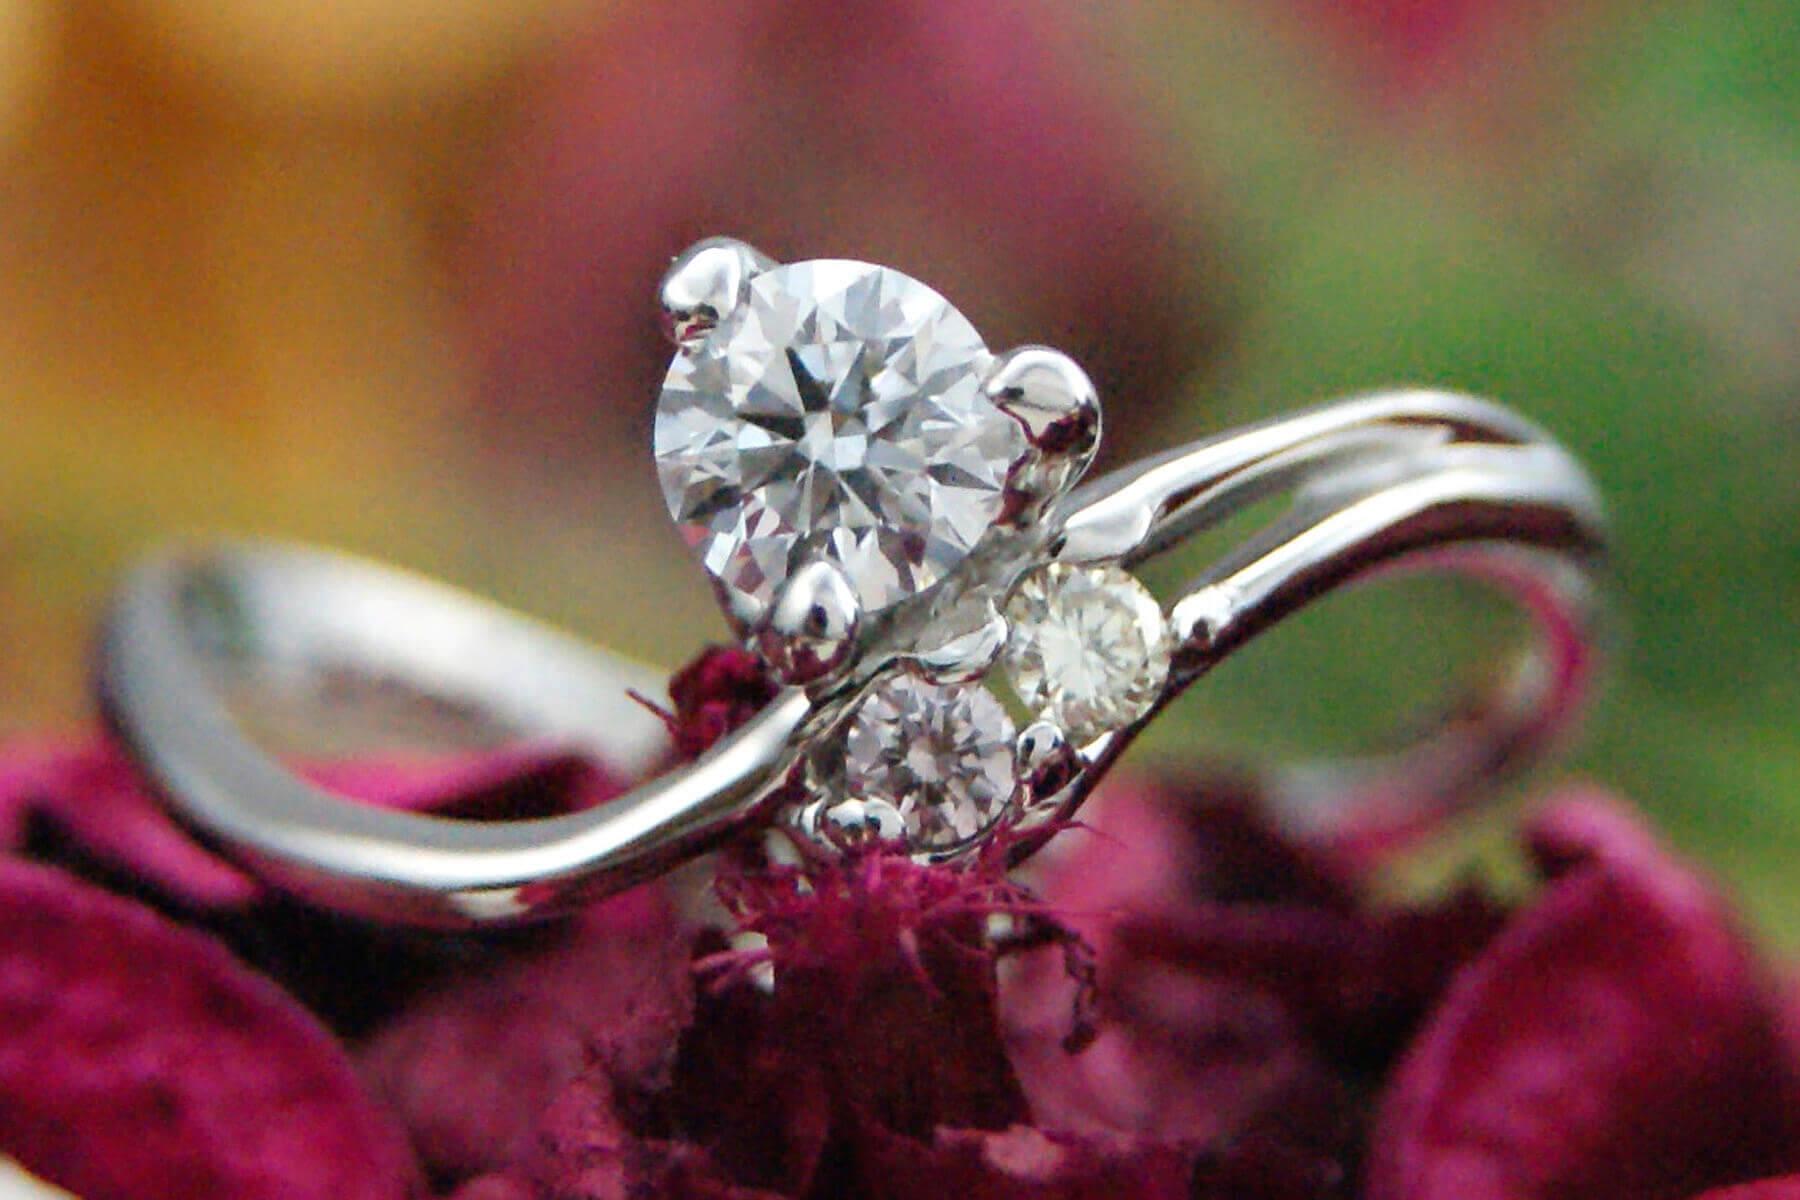 ダイヤモンド | ダイヤモンド | かざりやゆい | 世界に一つだけの結婚指輪「kazariya Yui」 | 福島県郡山市